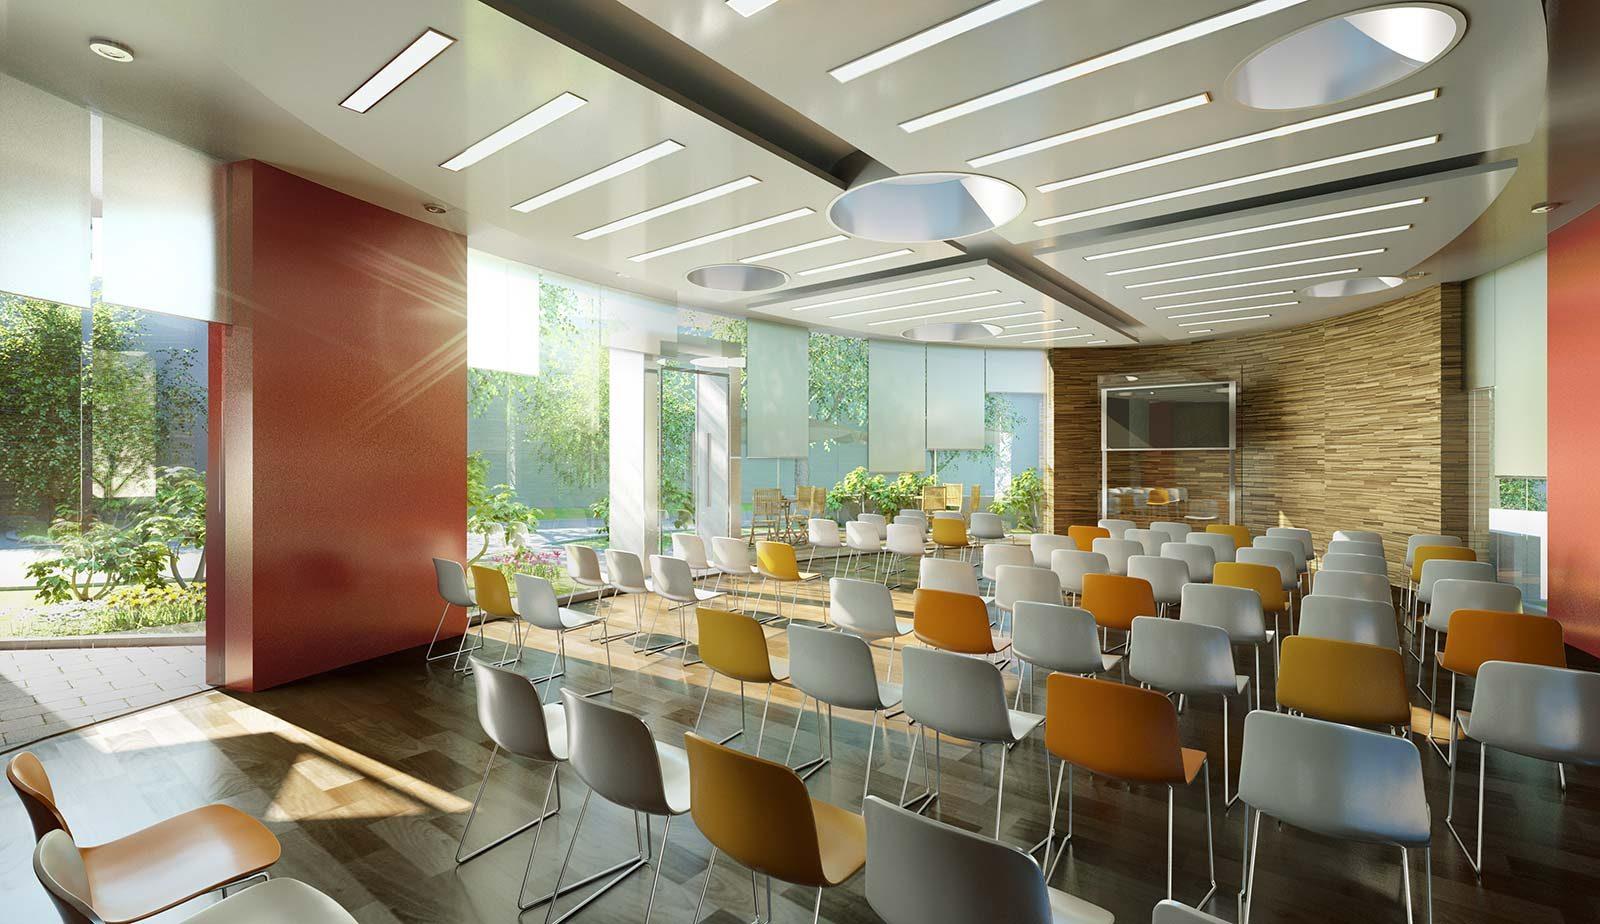 Vortragssaal - Architekturvisualisierung Innenraum